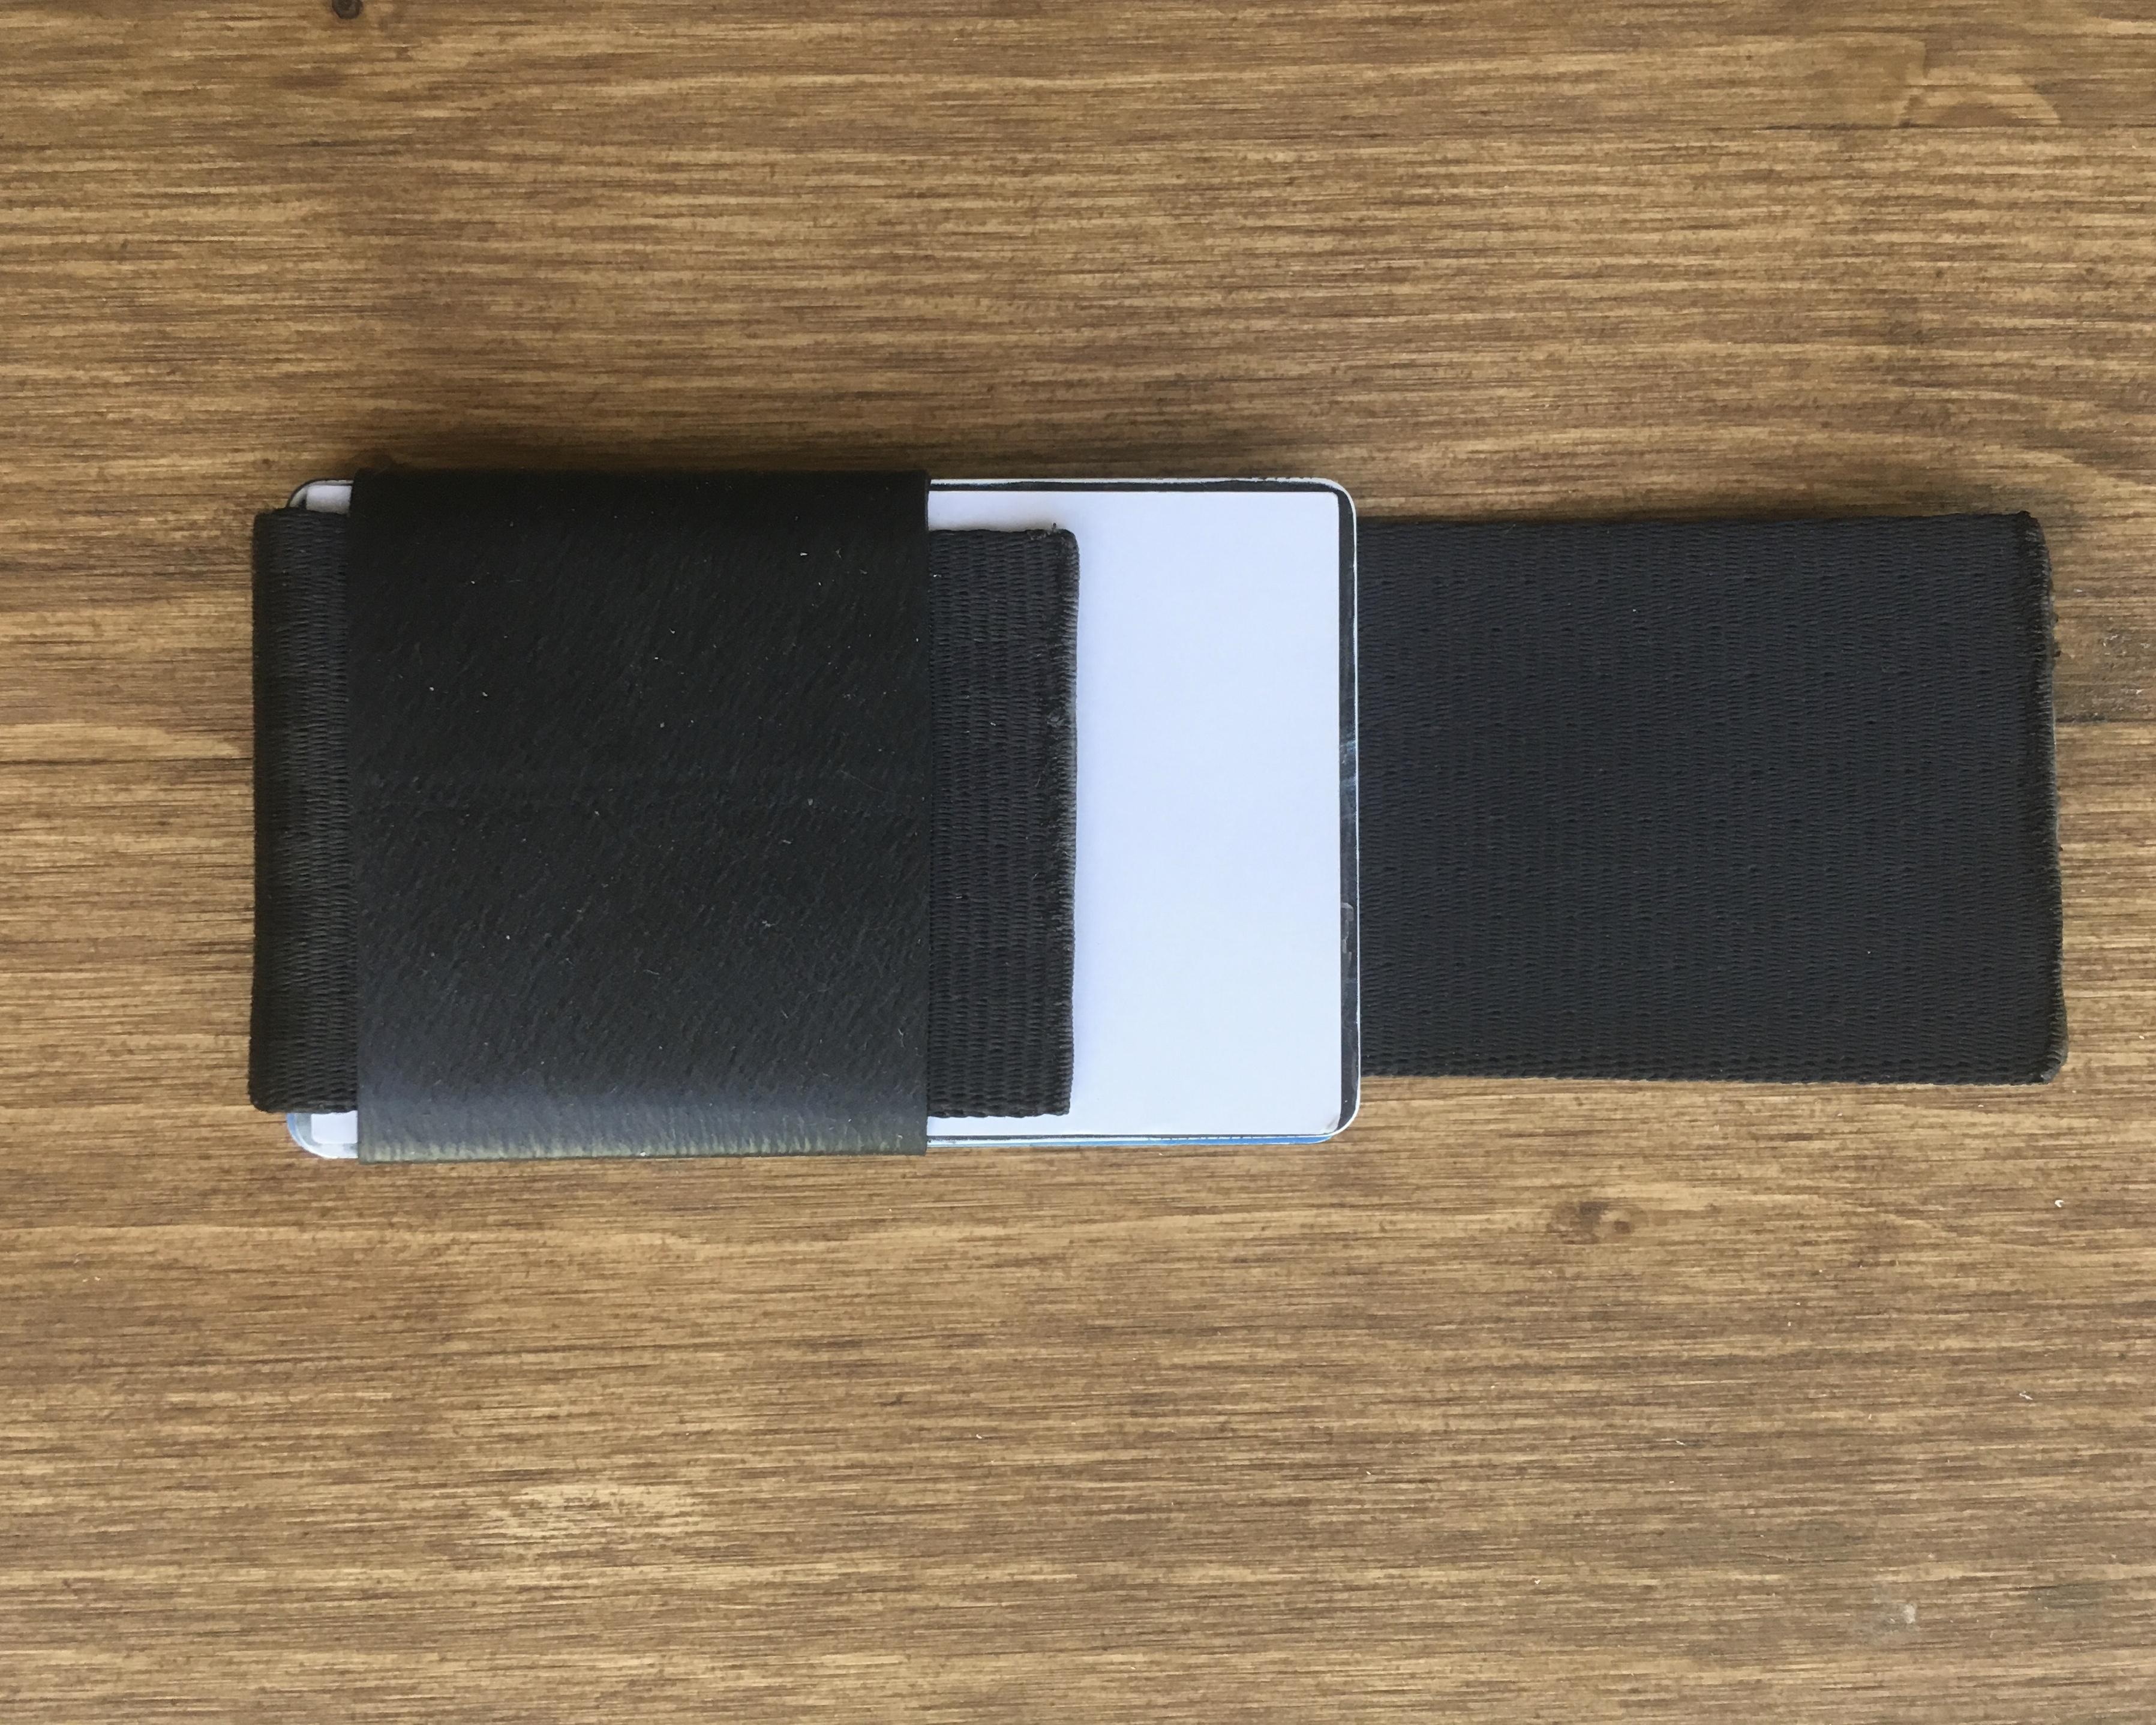 Picture of Seatbelt Webbing Minimalist Wallet